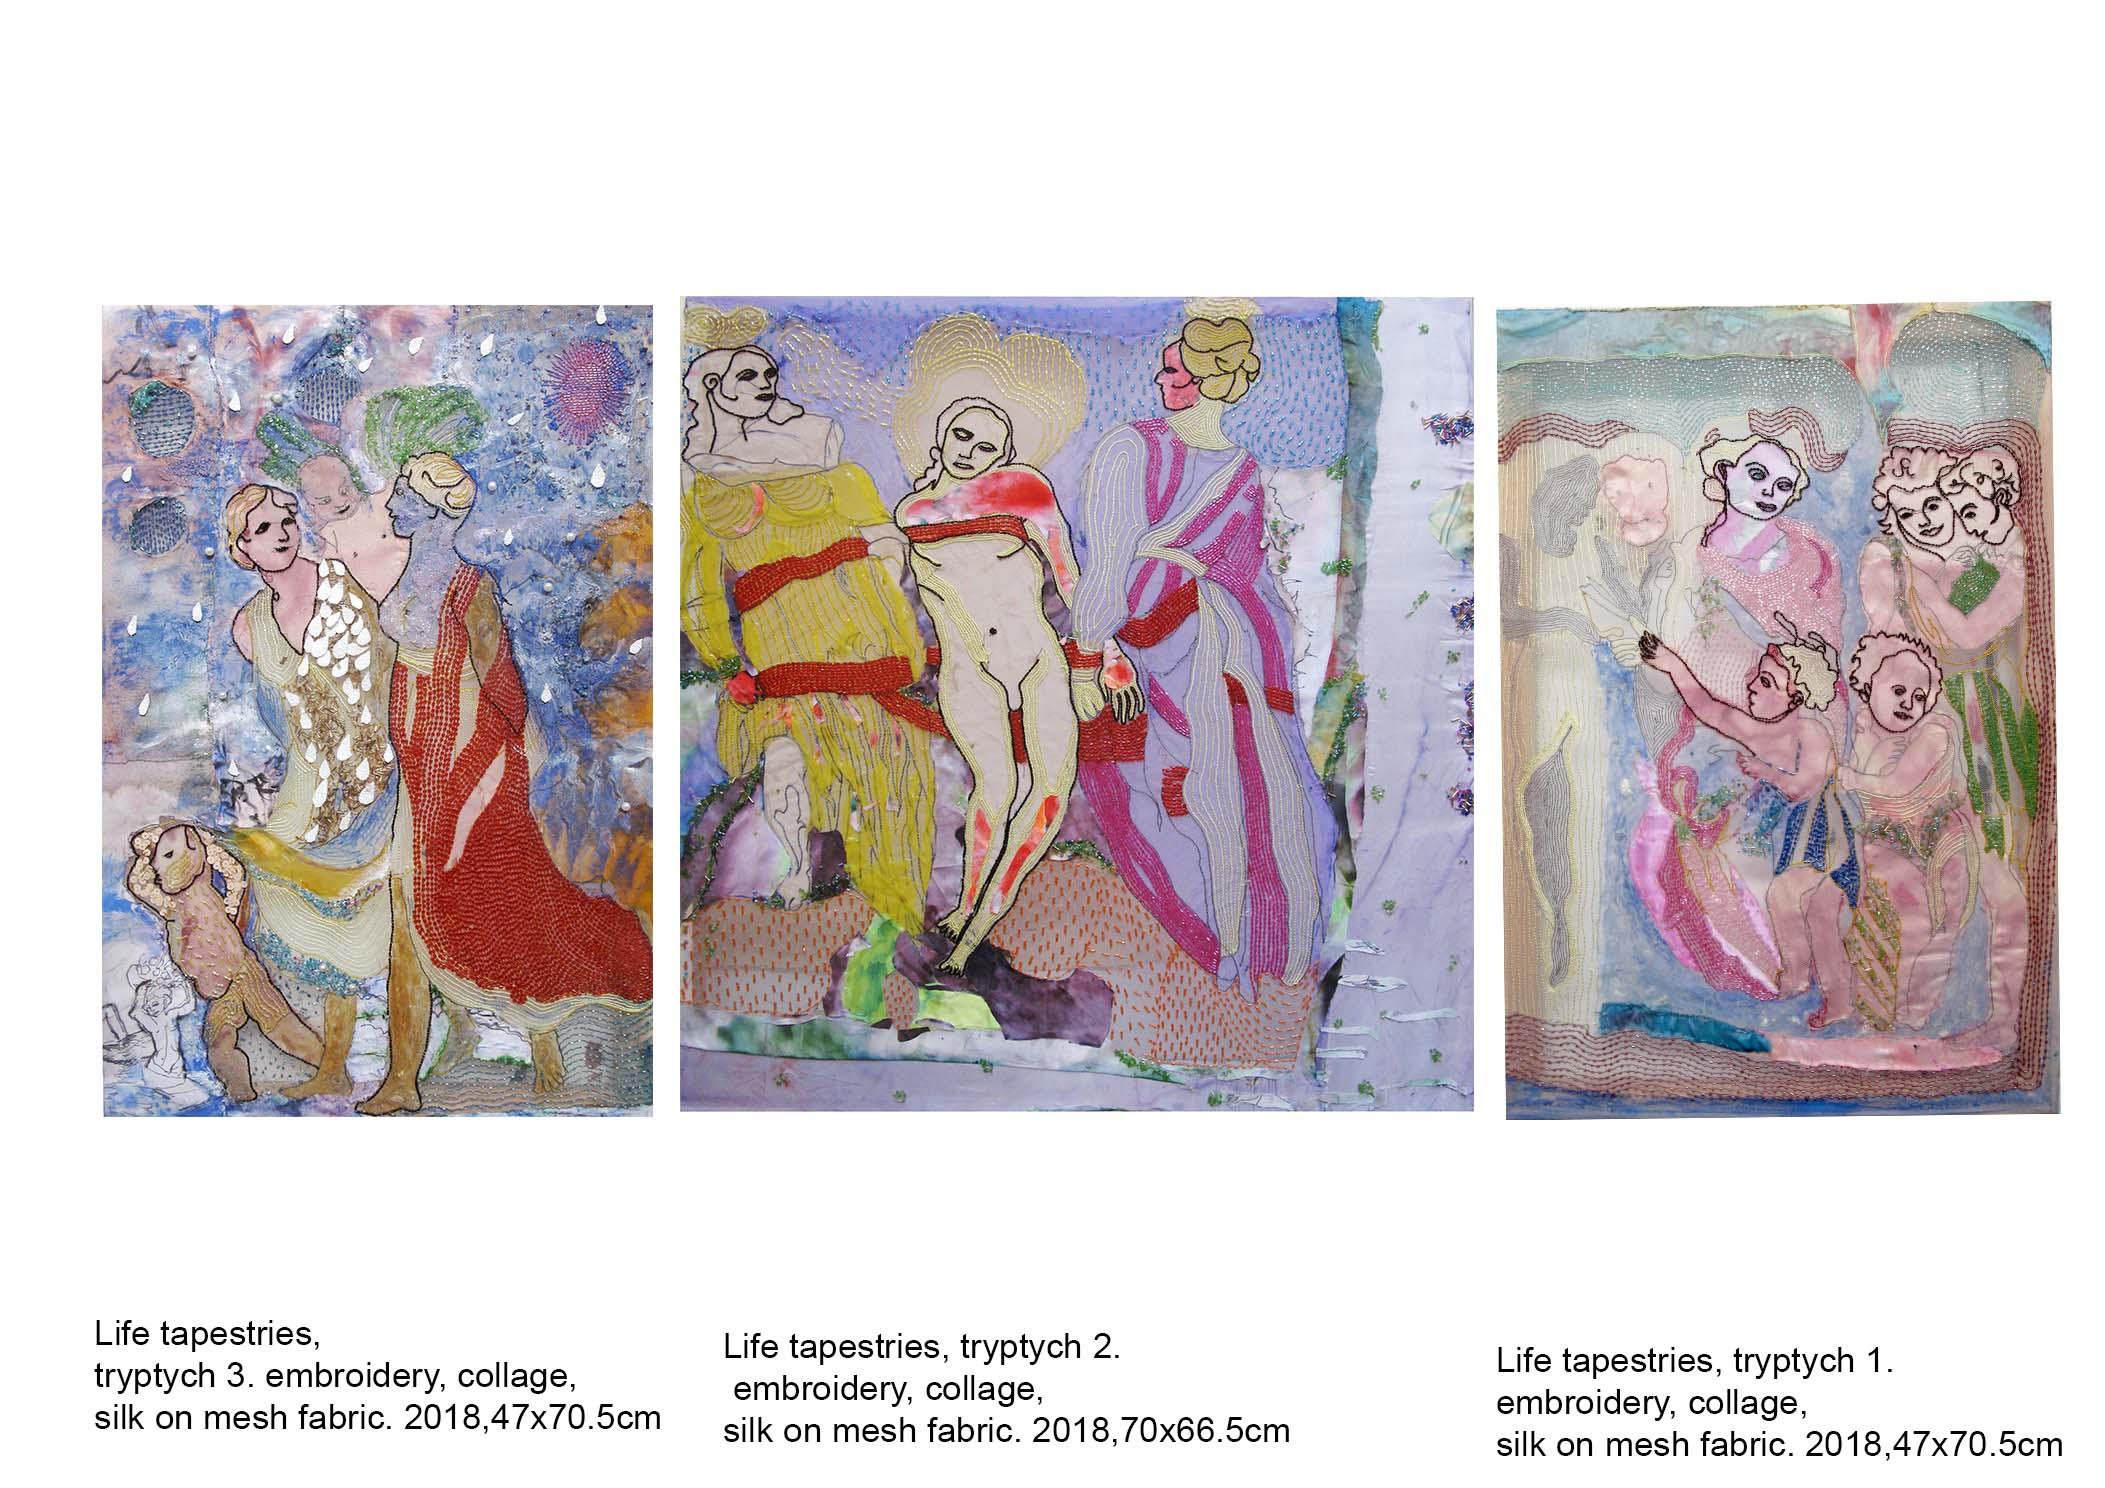 Life tapestries, tryptych, 47x70.5cm; 70x65.5cm; 47x70.5cm; embroidery, swarovski crystals silk fabric glue, 2017-18,